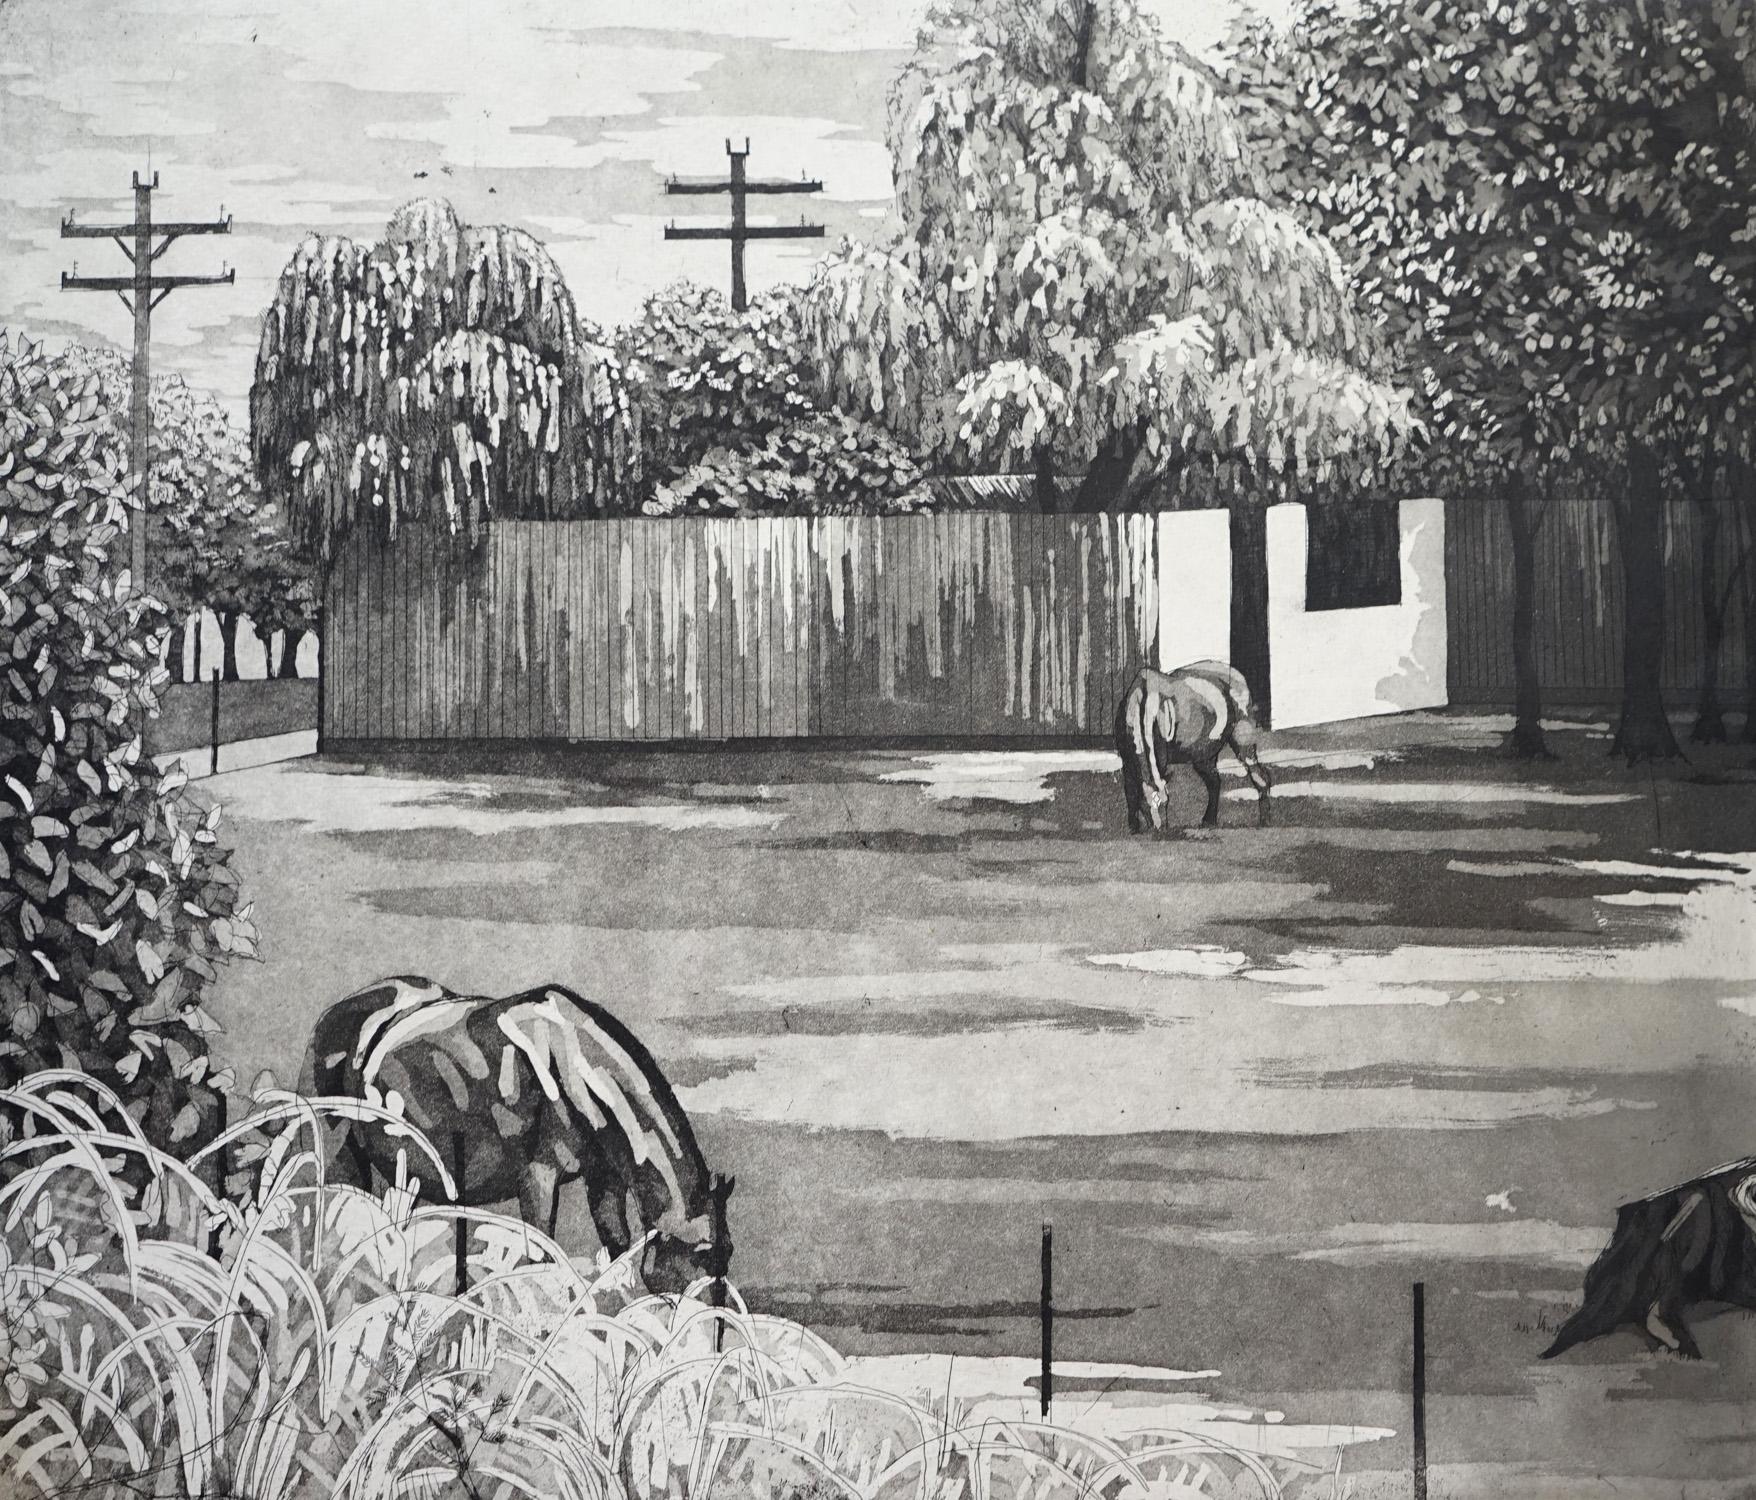 Suburban Pastoral 3, 2010